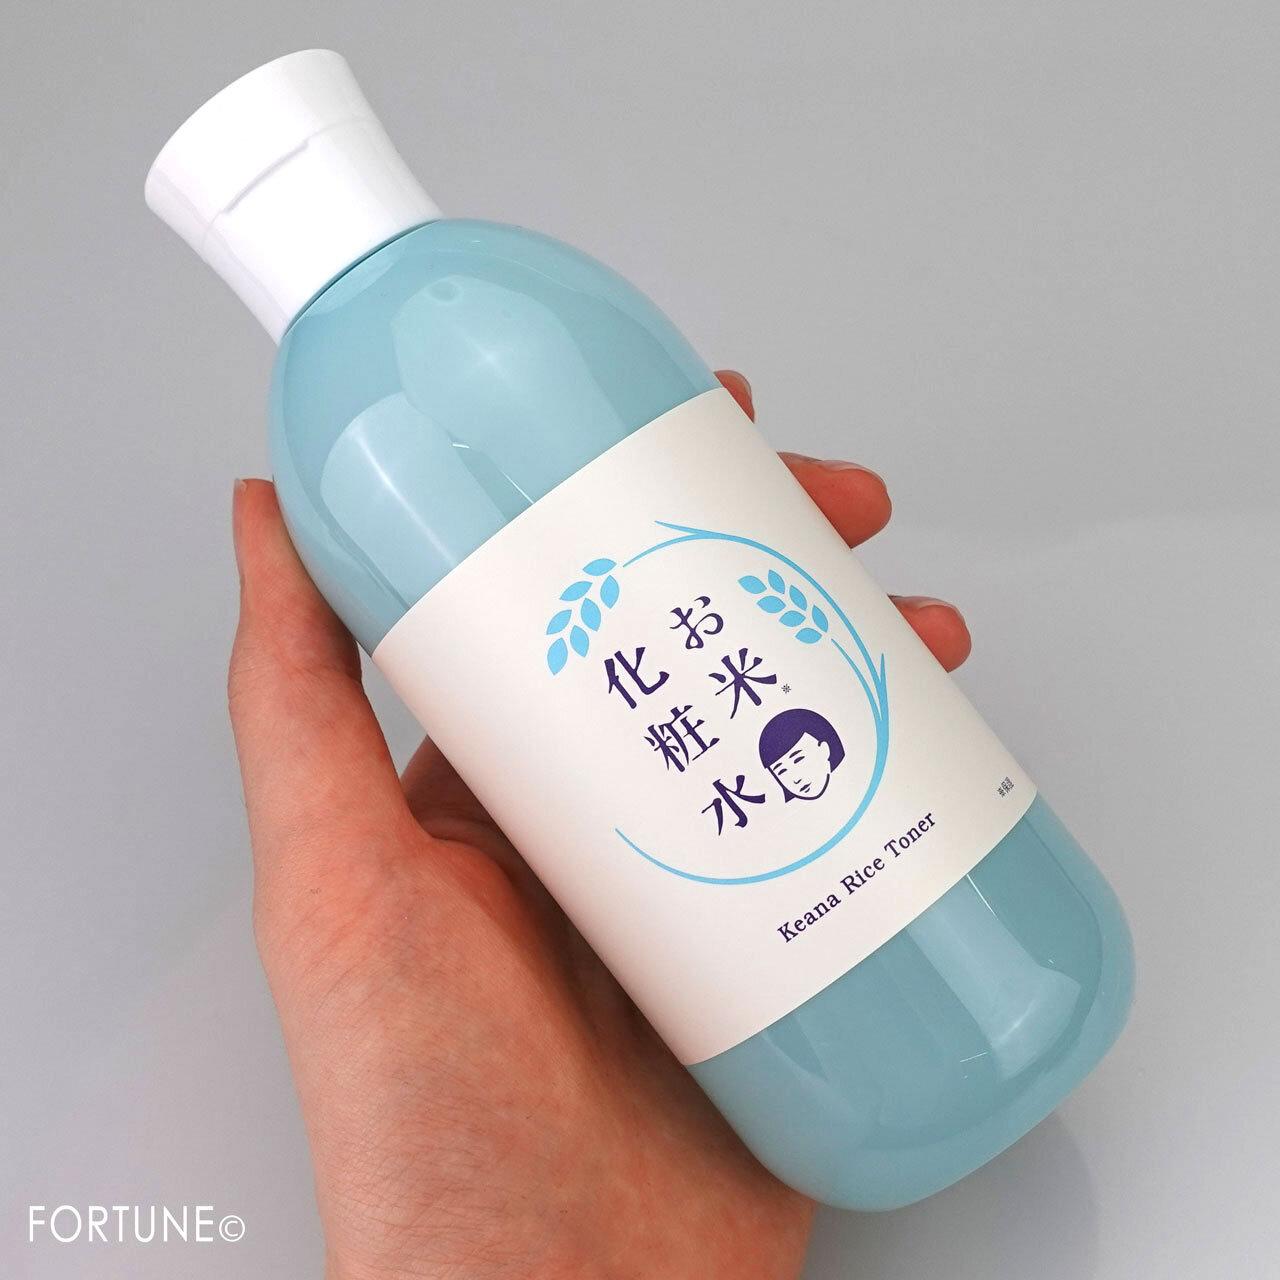 石澤研究所『毛穴撫子 お米の化粧水N』